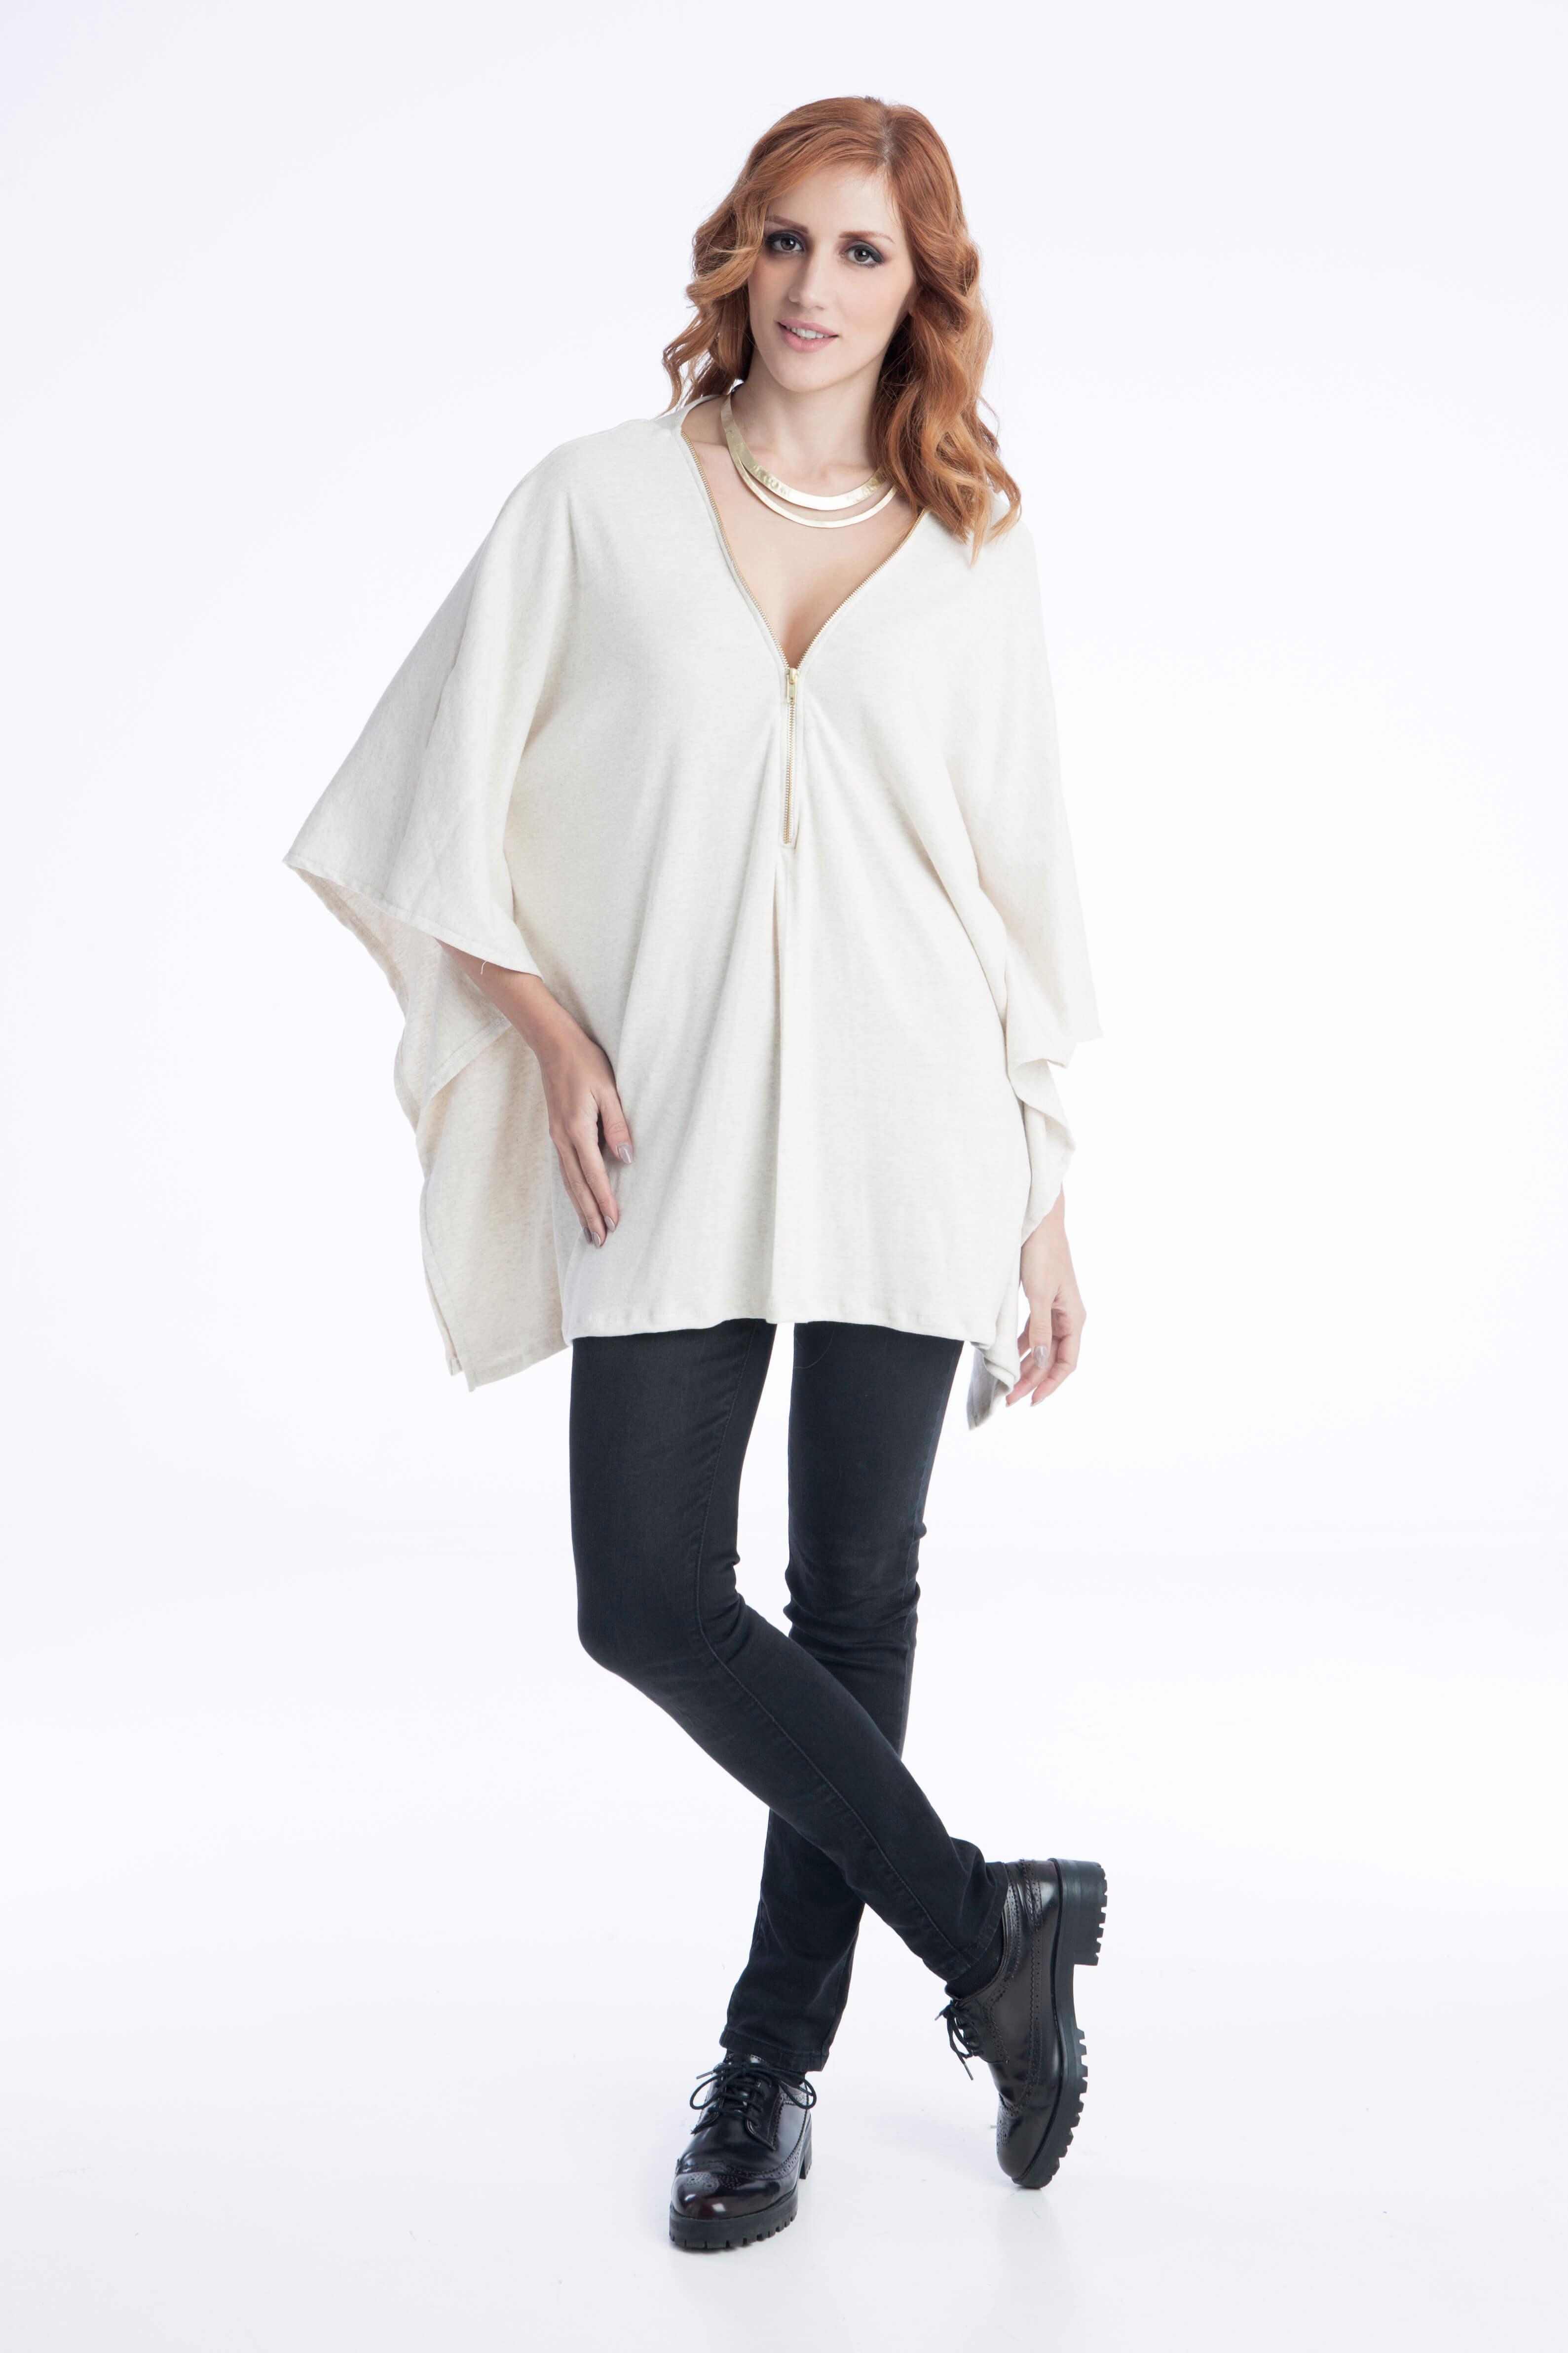 Γυναικεία Μπλούζα Ριχτή με Φερμουάρ - Λευκή - Prestige Fashion 598e18aefa7